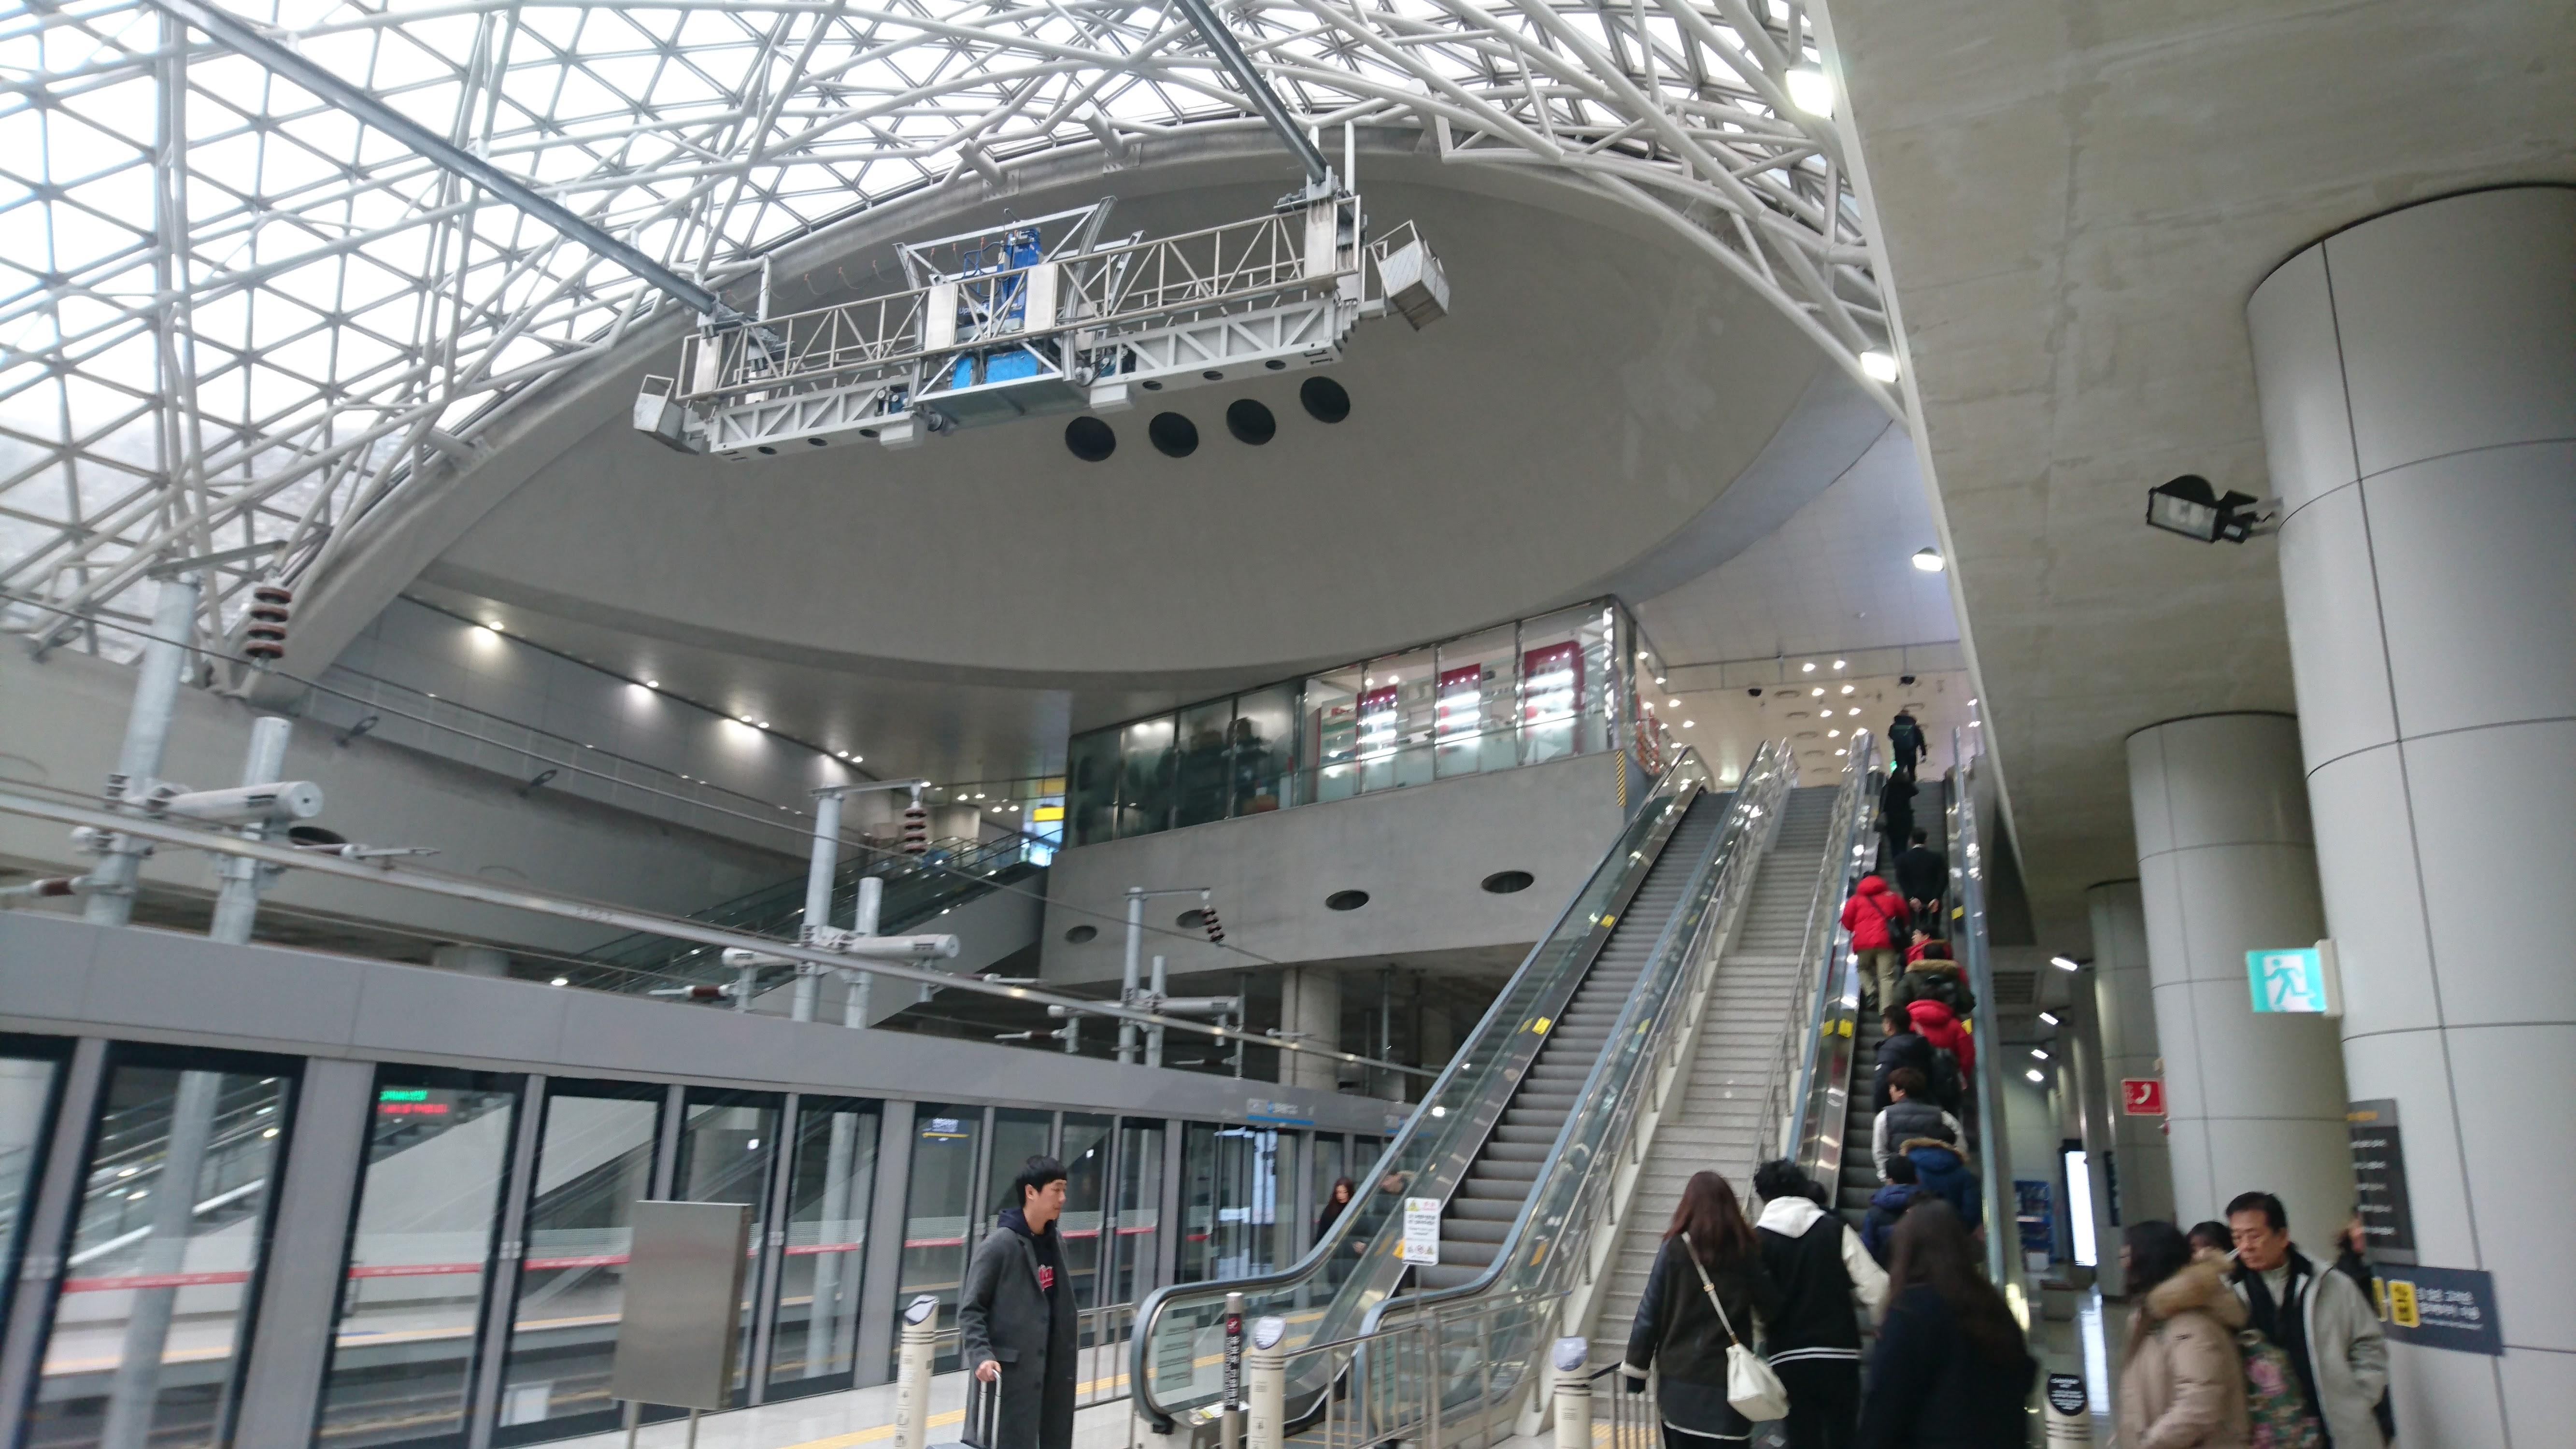 仁川国際空港鉄道(A'REX)の仁川国際空港駅